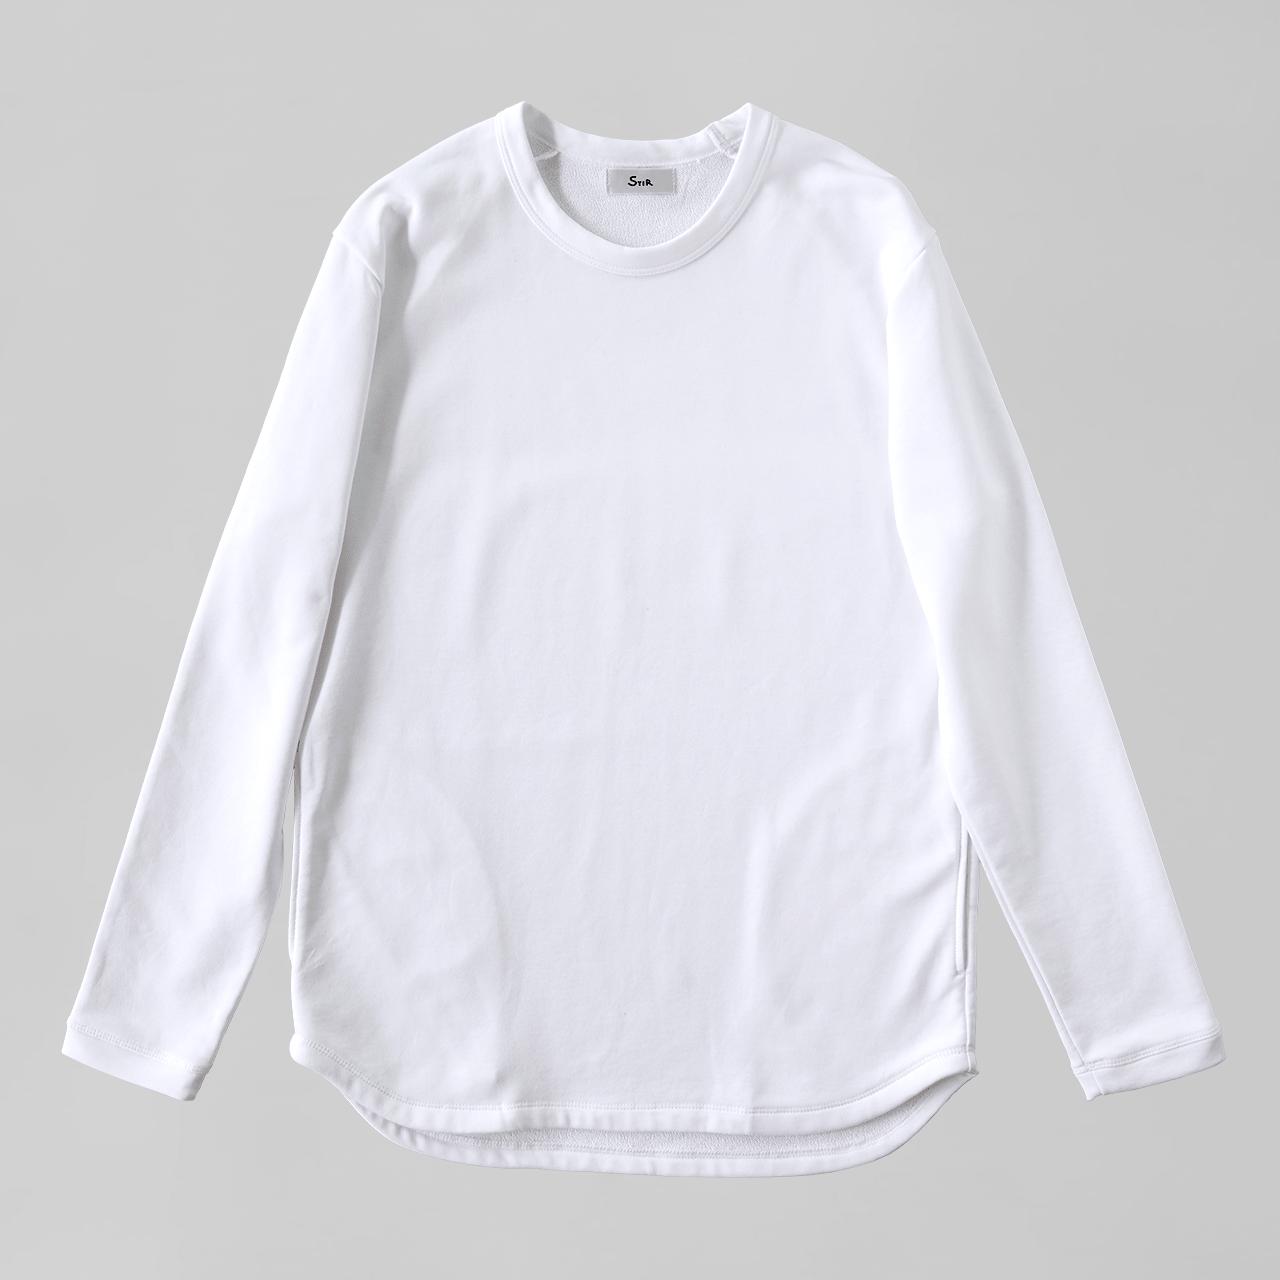 アーバンドレススウェットシャツ / Urban Dress Sweatshirt #WHITE